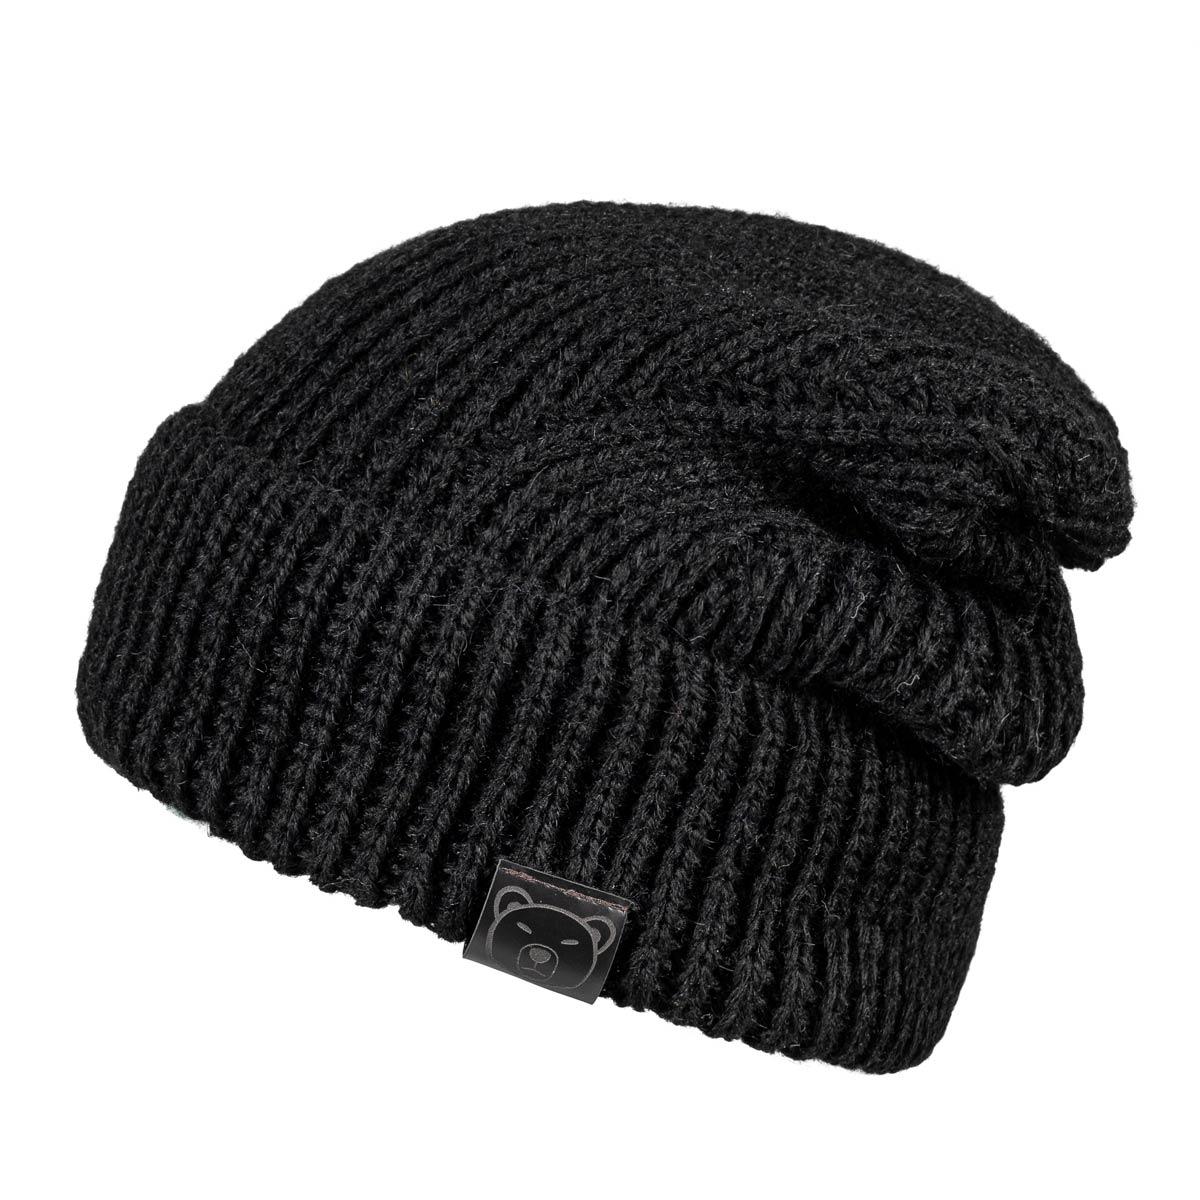 CP-01605-F12-bonnet-chaud-noir